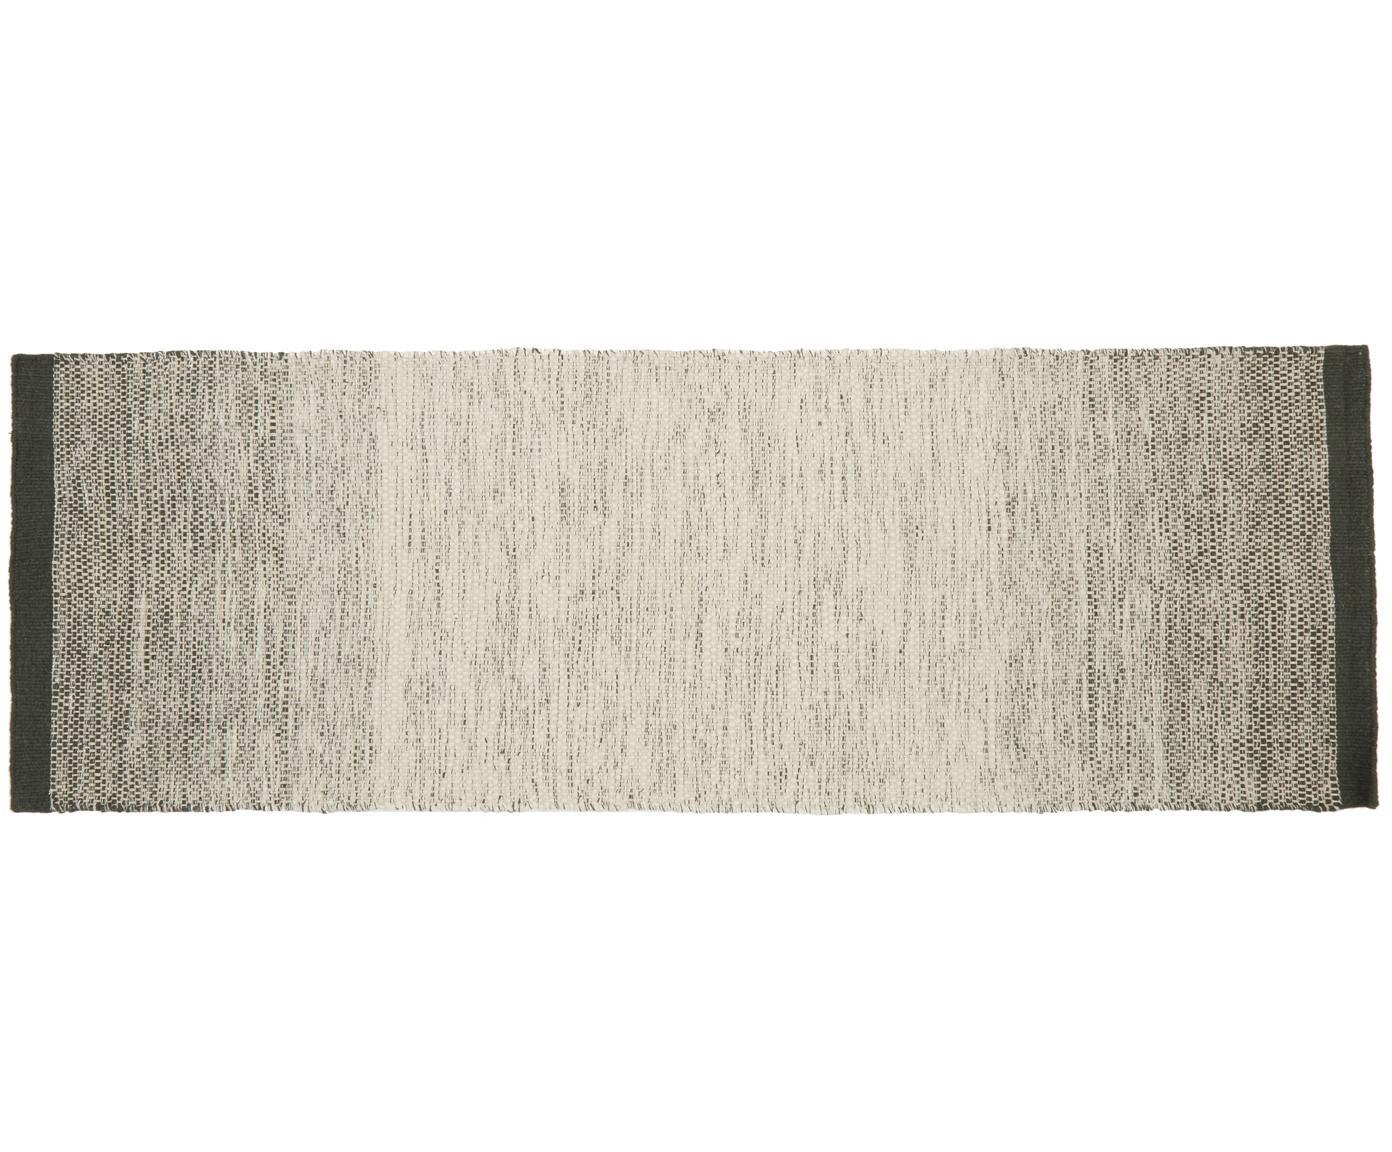 Handgeweven wollen loper Lule met kleurverloop in beige/groen, 70% wol, 30% katoen, Donkergroen, beige, 80 x 250 cm